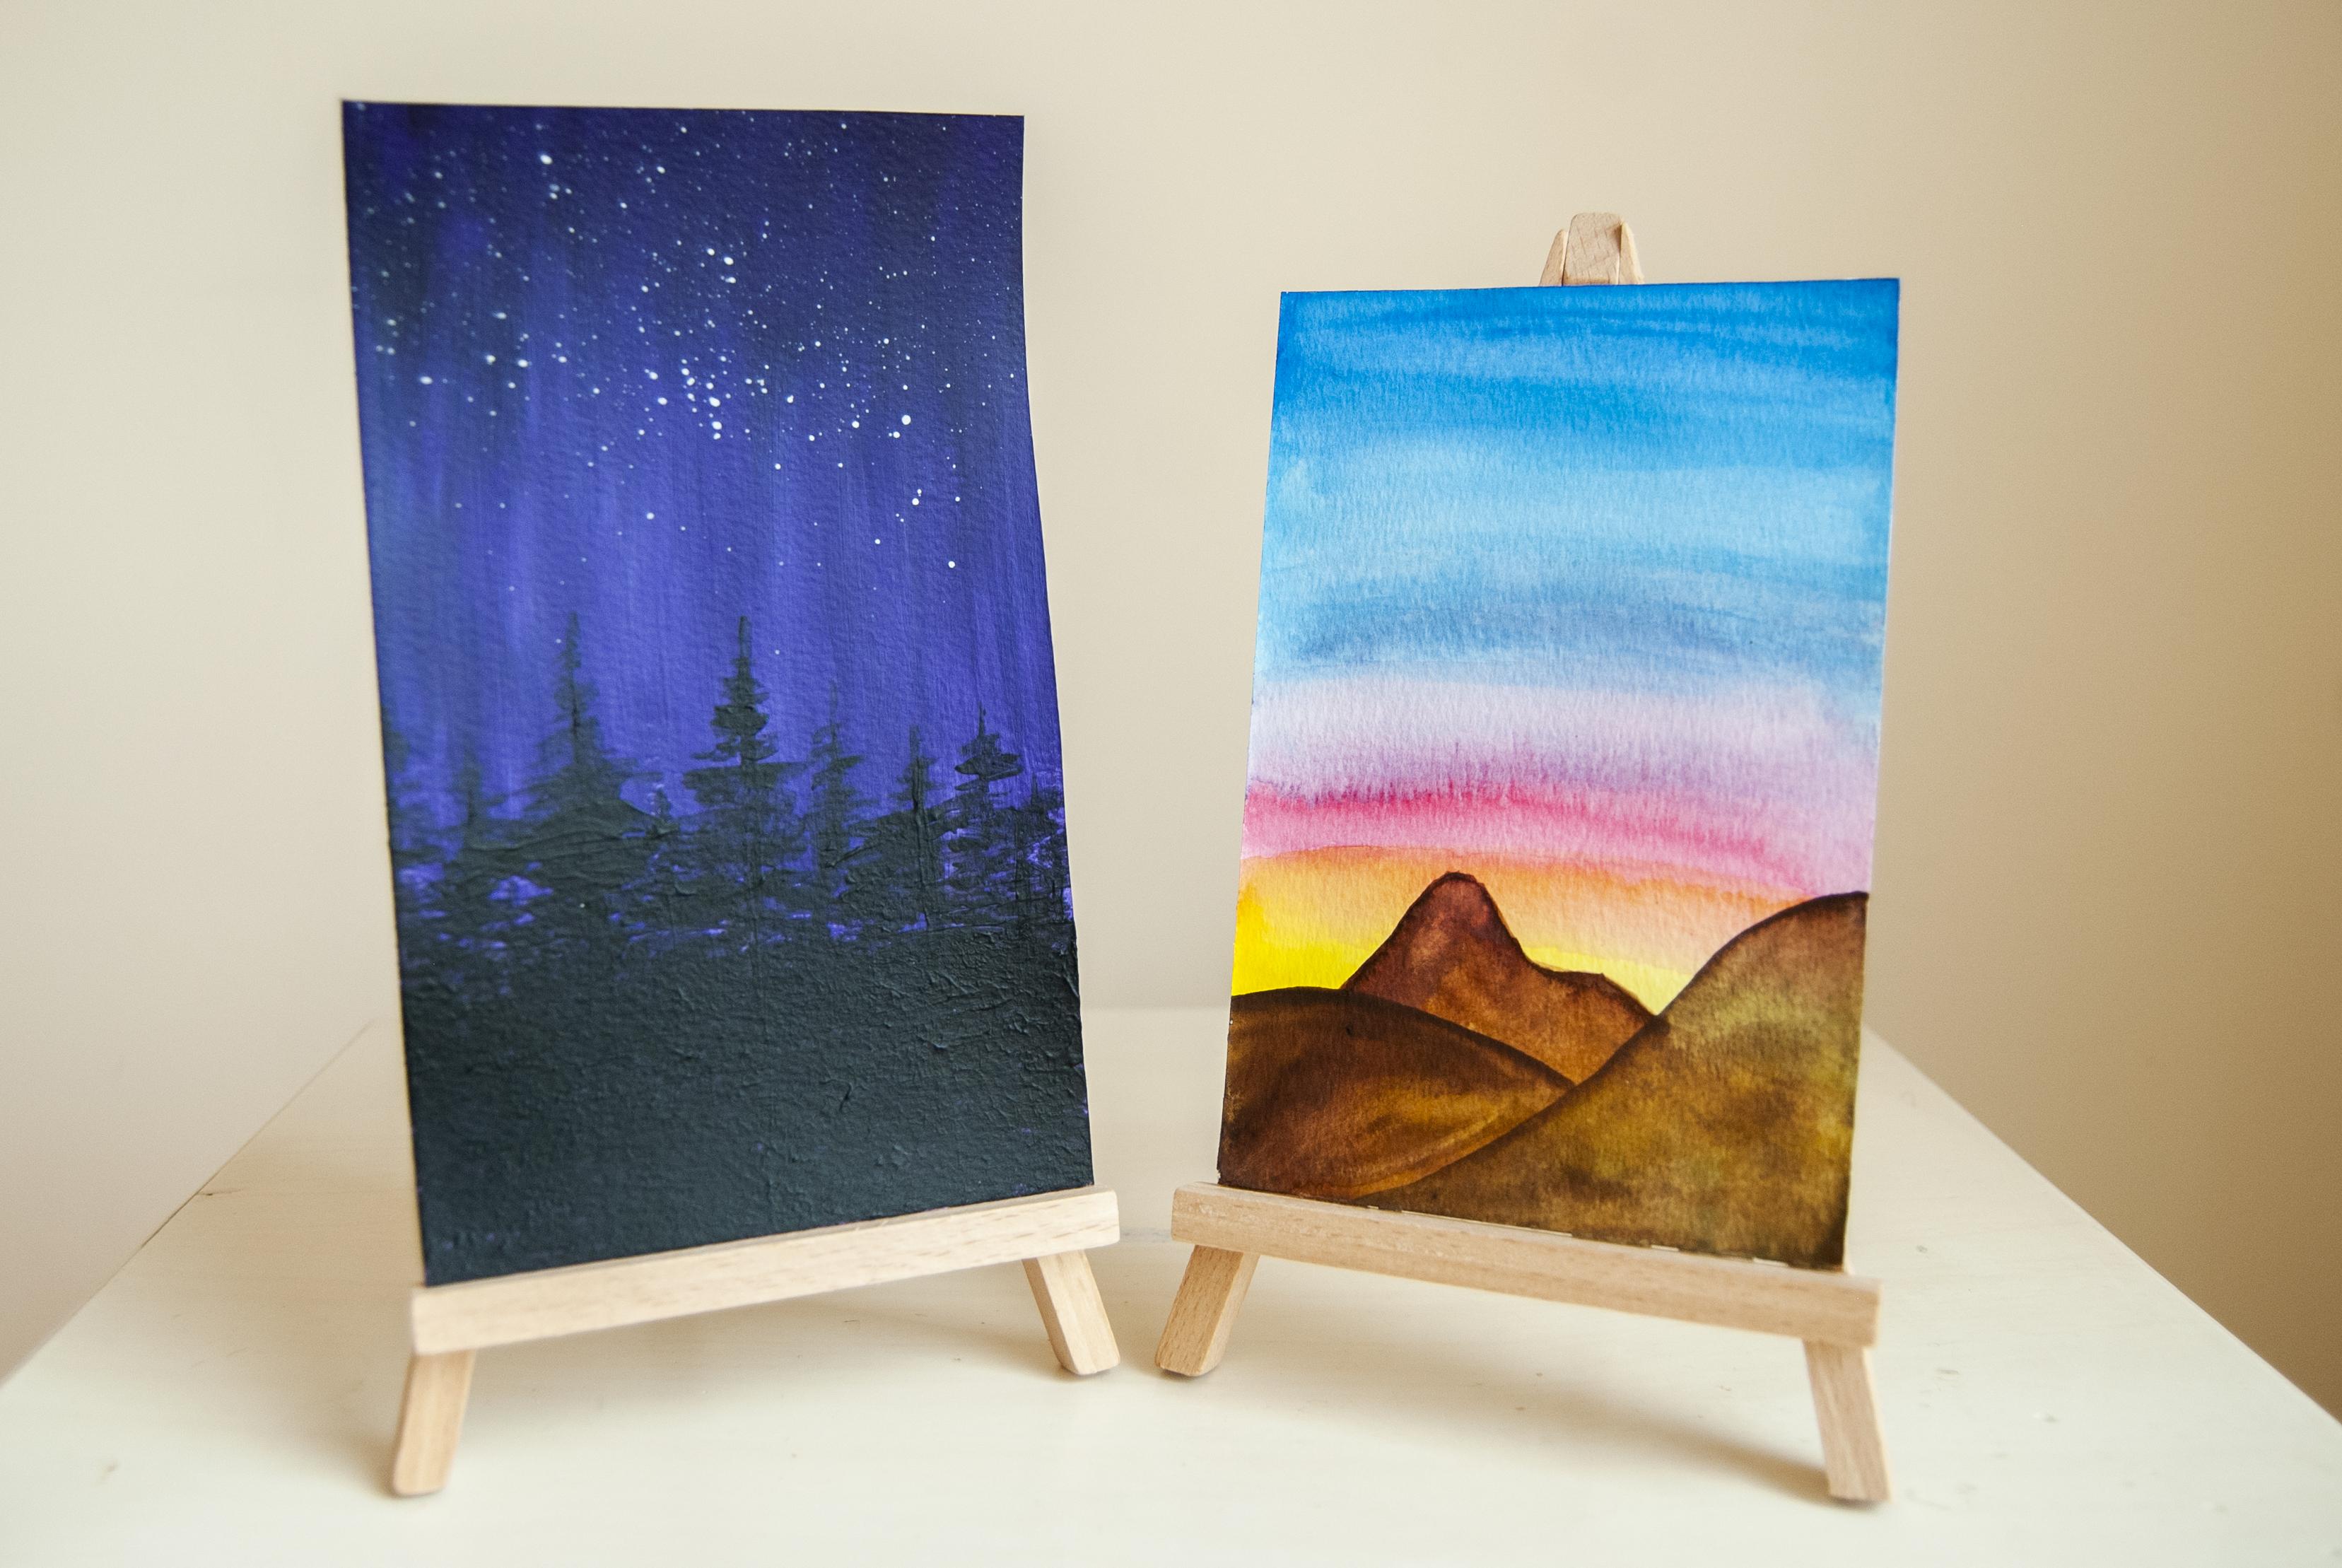 obrazki namalowane farbami akrylowymi i akwarelowymi od Creadu